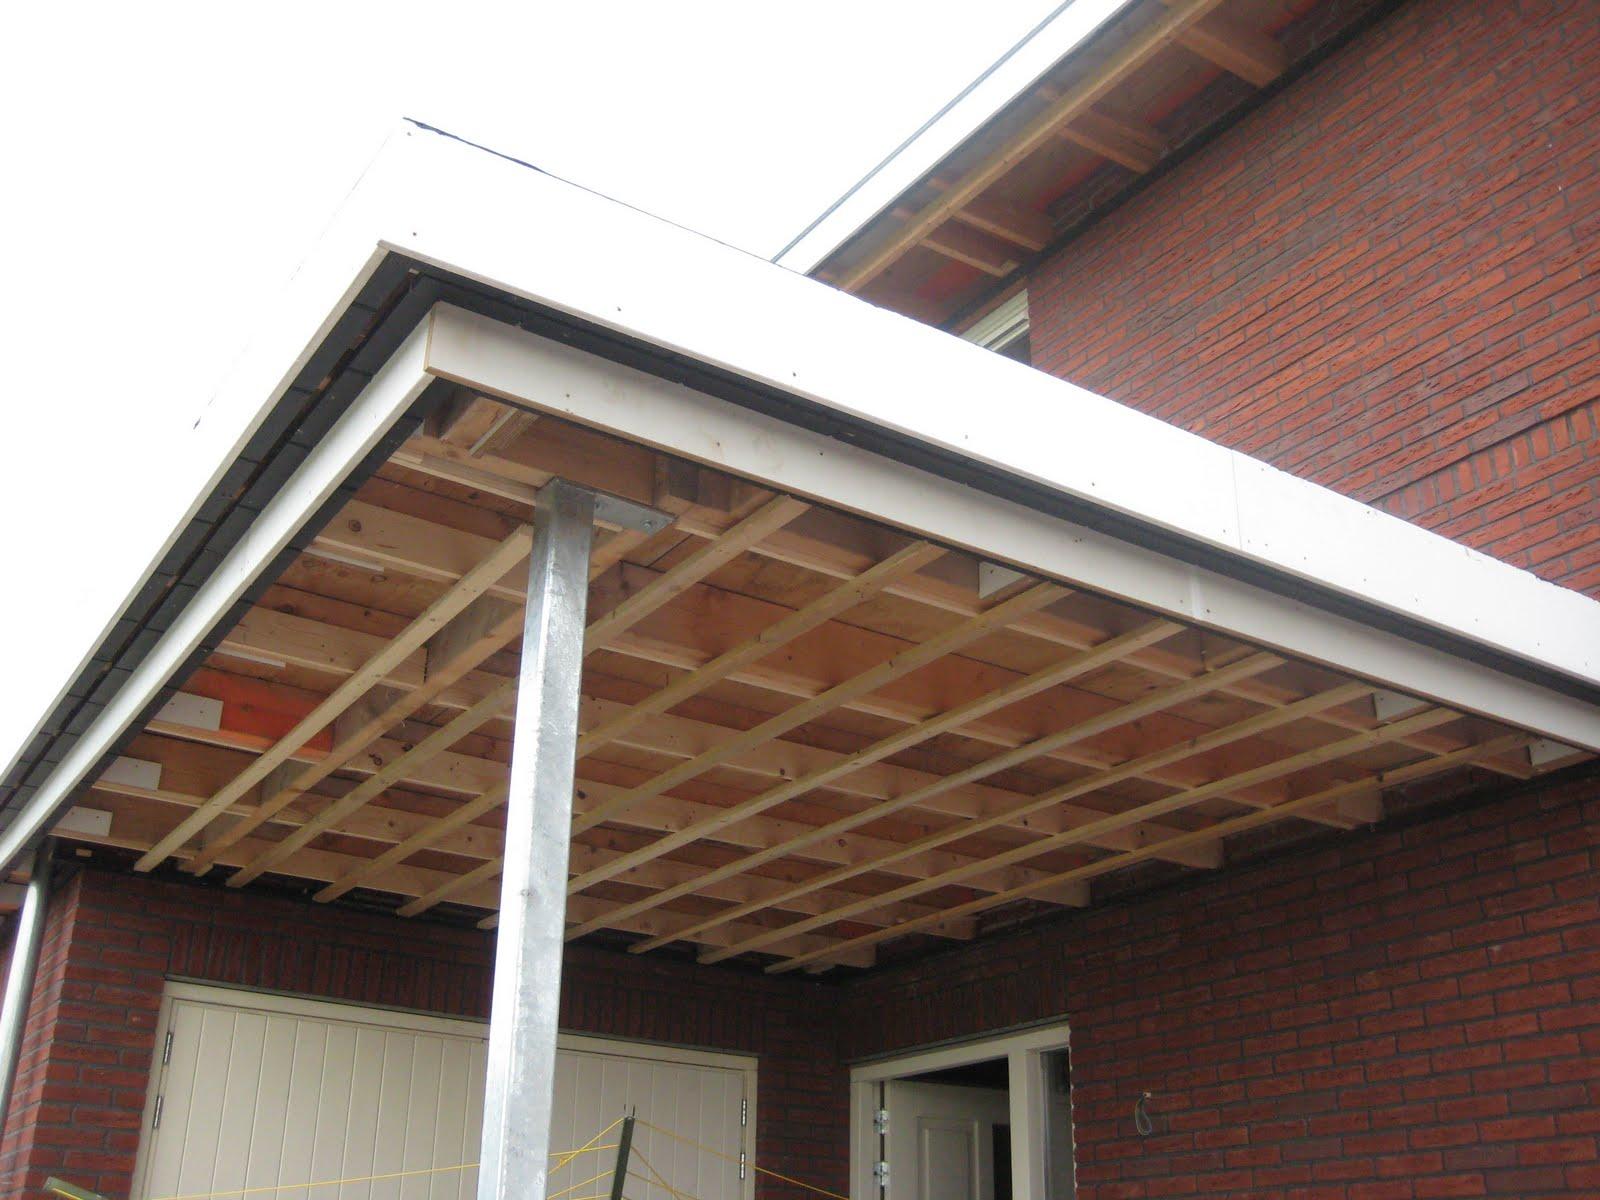 Nieuwbouw aronskelk 9 op zoek naar een baan als stucadoor - Kantoor onder het dak ...